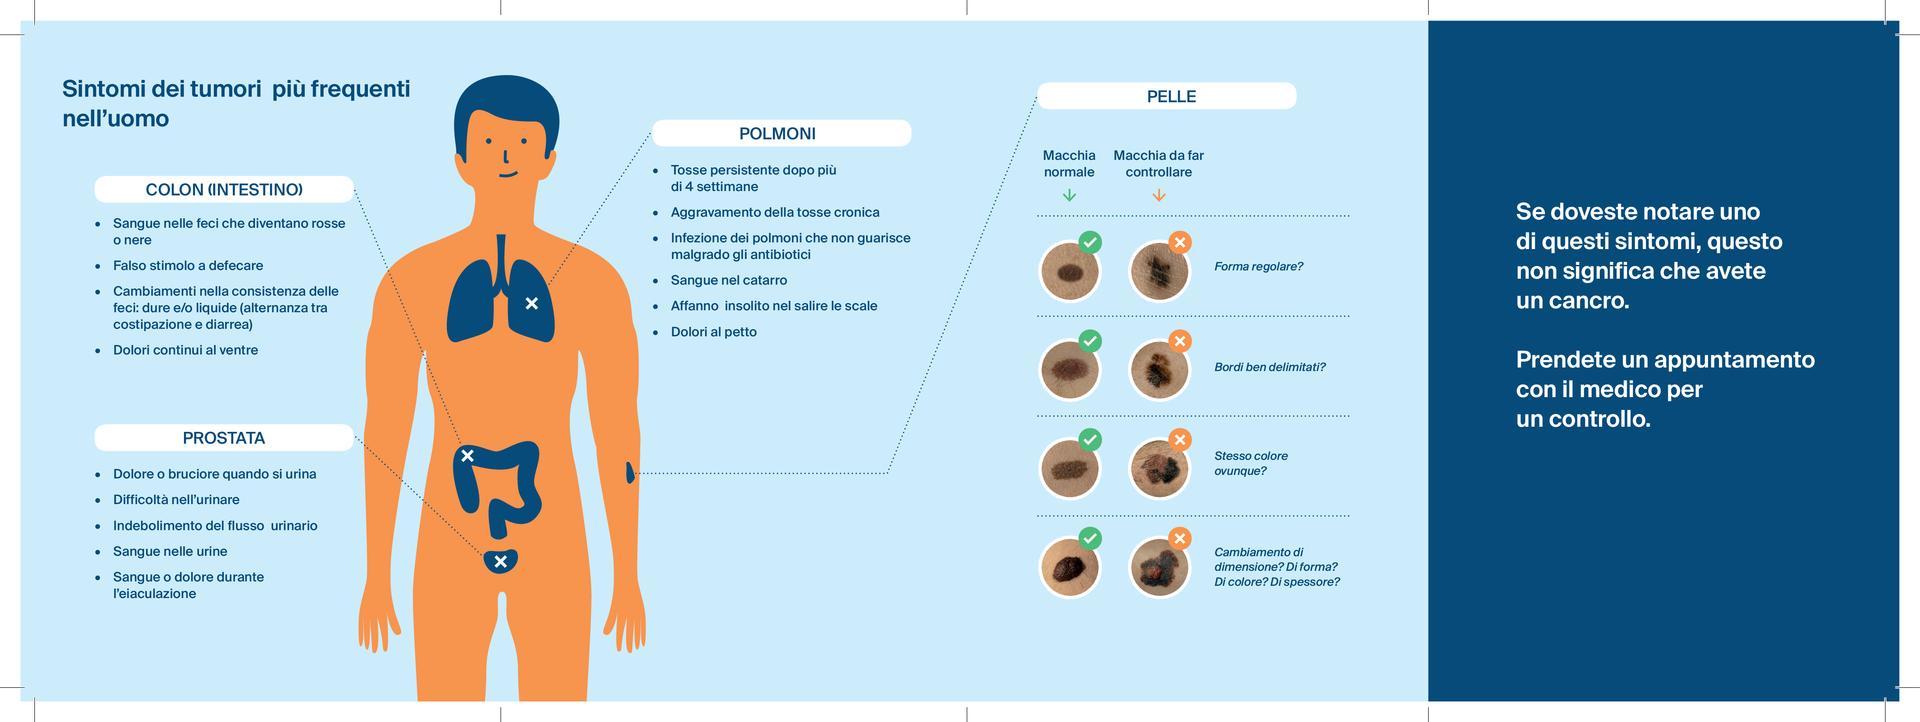 sangue nelle urine difficoltà a urinare